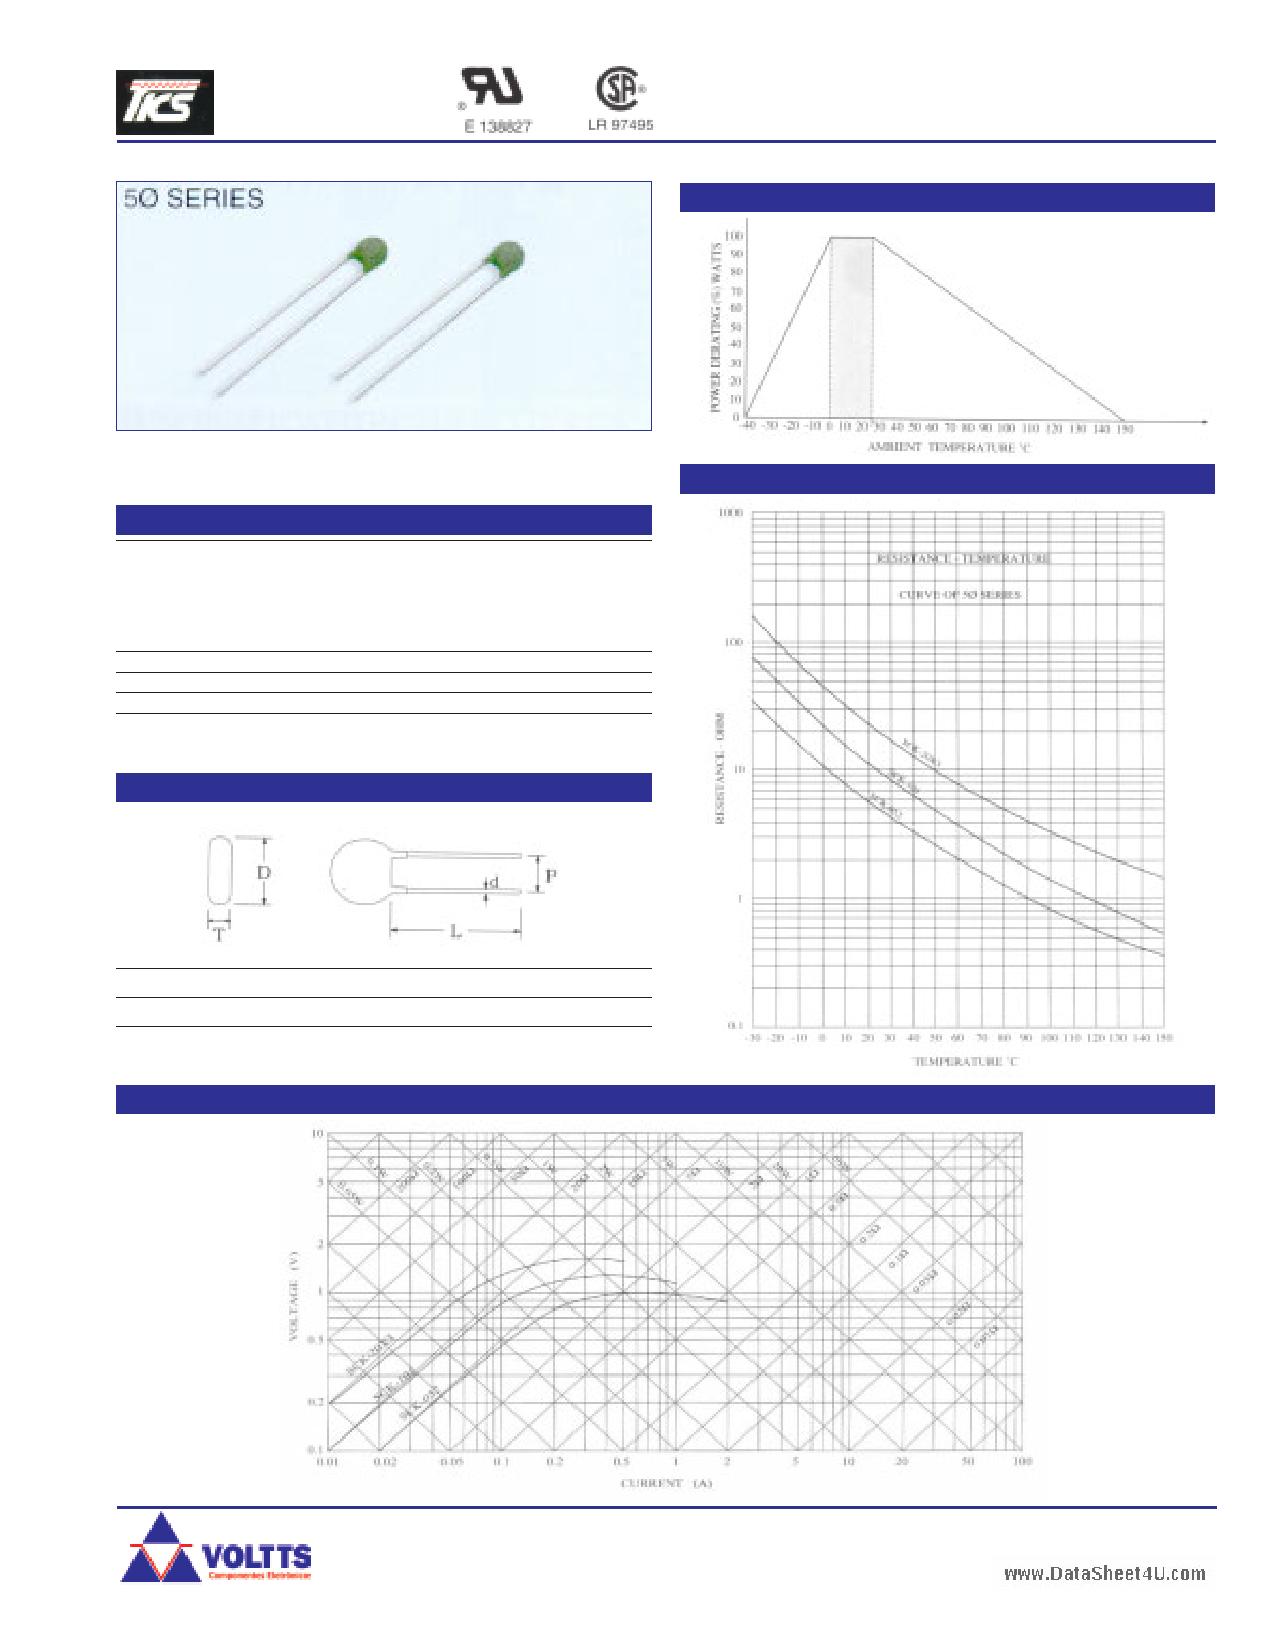 SCK-053 pdf schematic